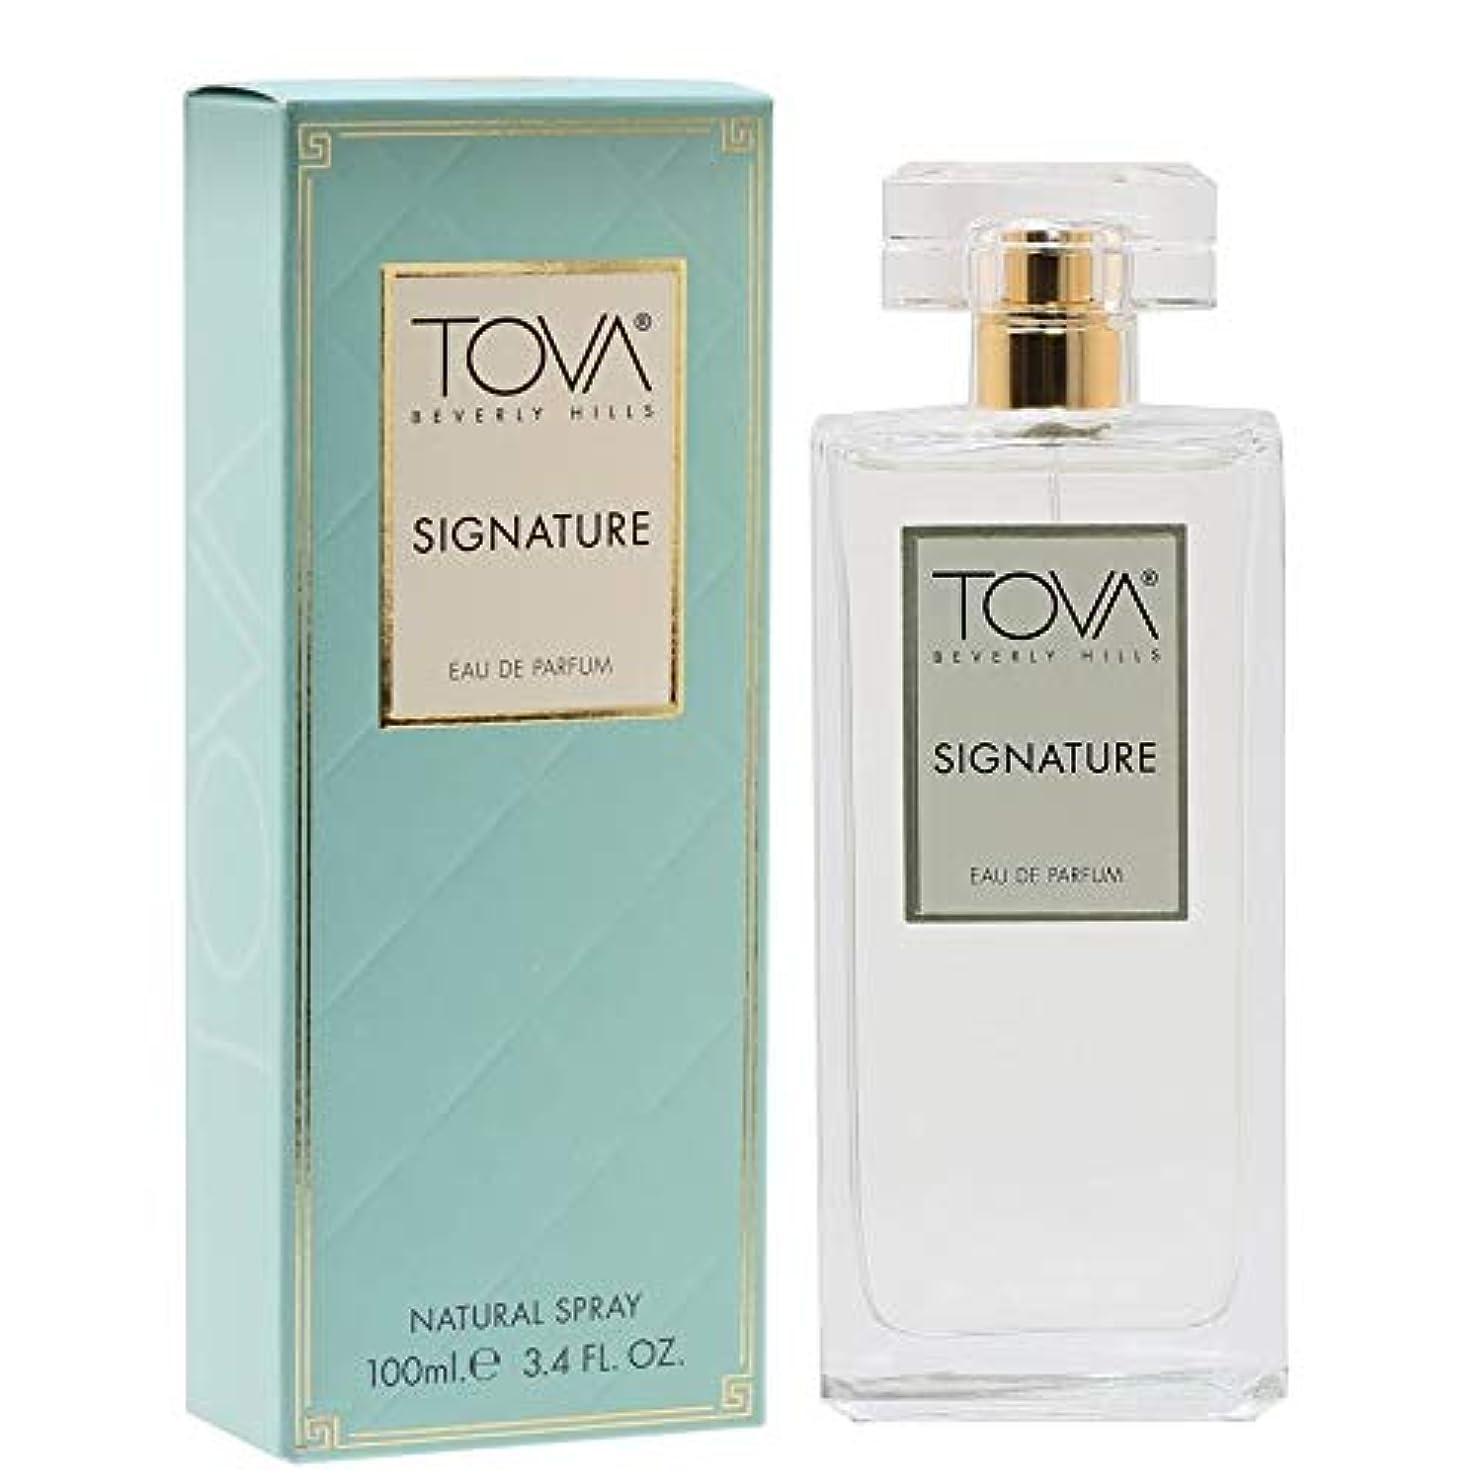 群集飾る維持するTova Signature Fragrance (トヴァ シグネチャ- フレグランス) 3.4 oz (100ml) EDP Spray (New Package 新デザイン)